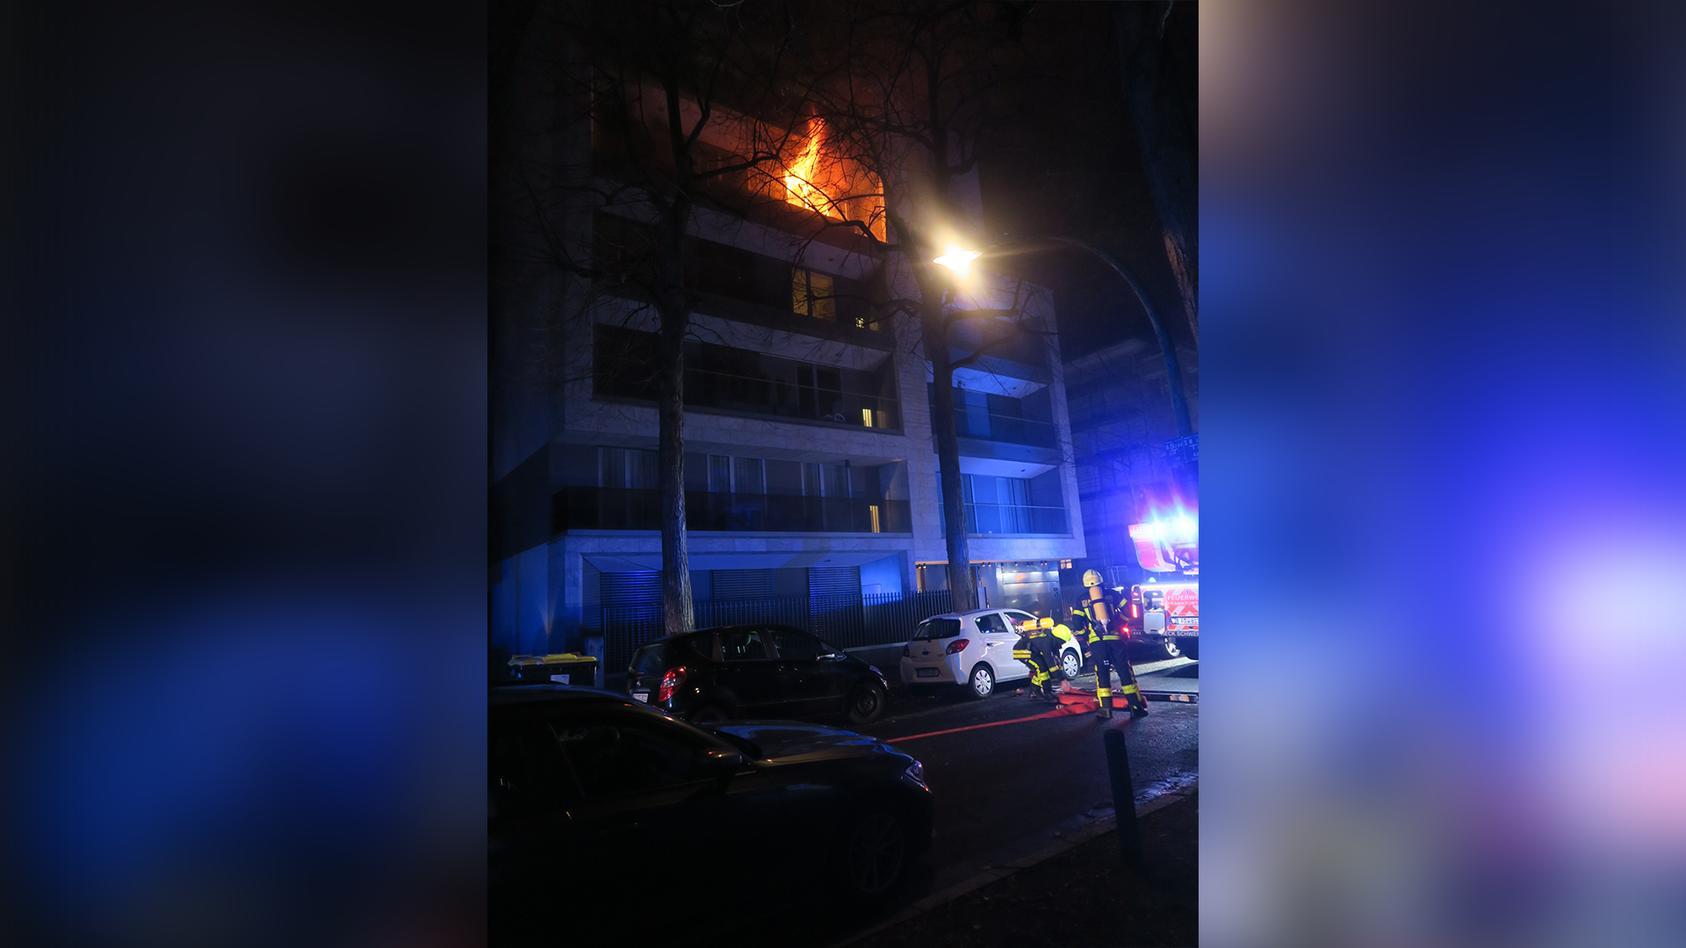 Am Mittwochmorgen wurde die Feuerwehr Frankfurt zu einem Wohnungsvollbrand gerufen.